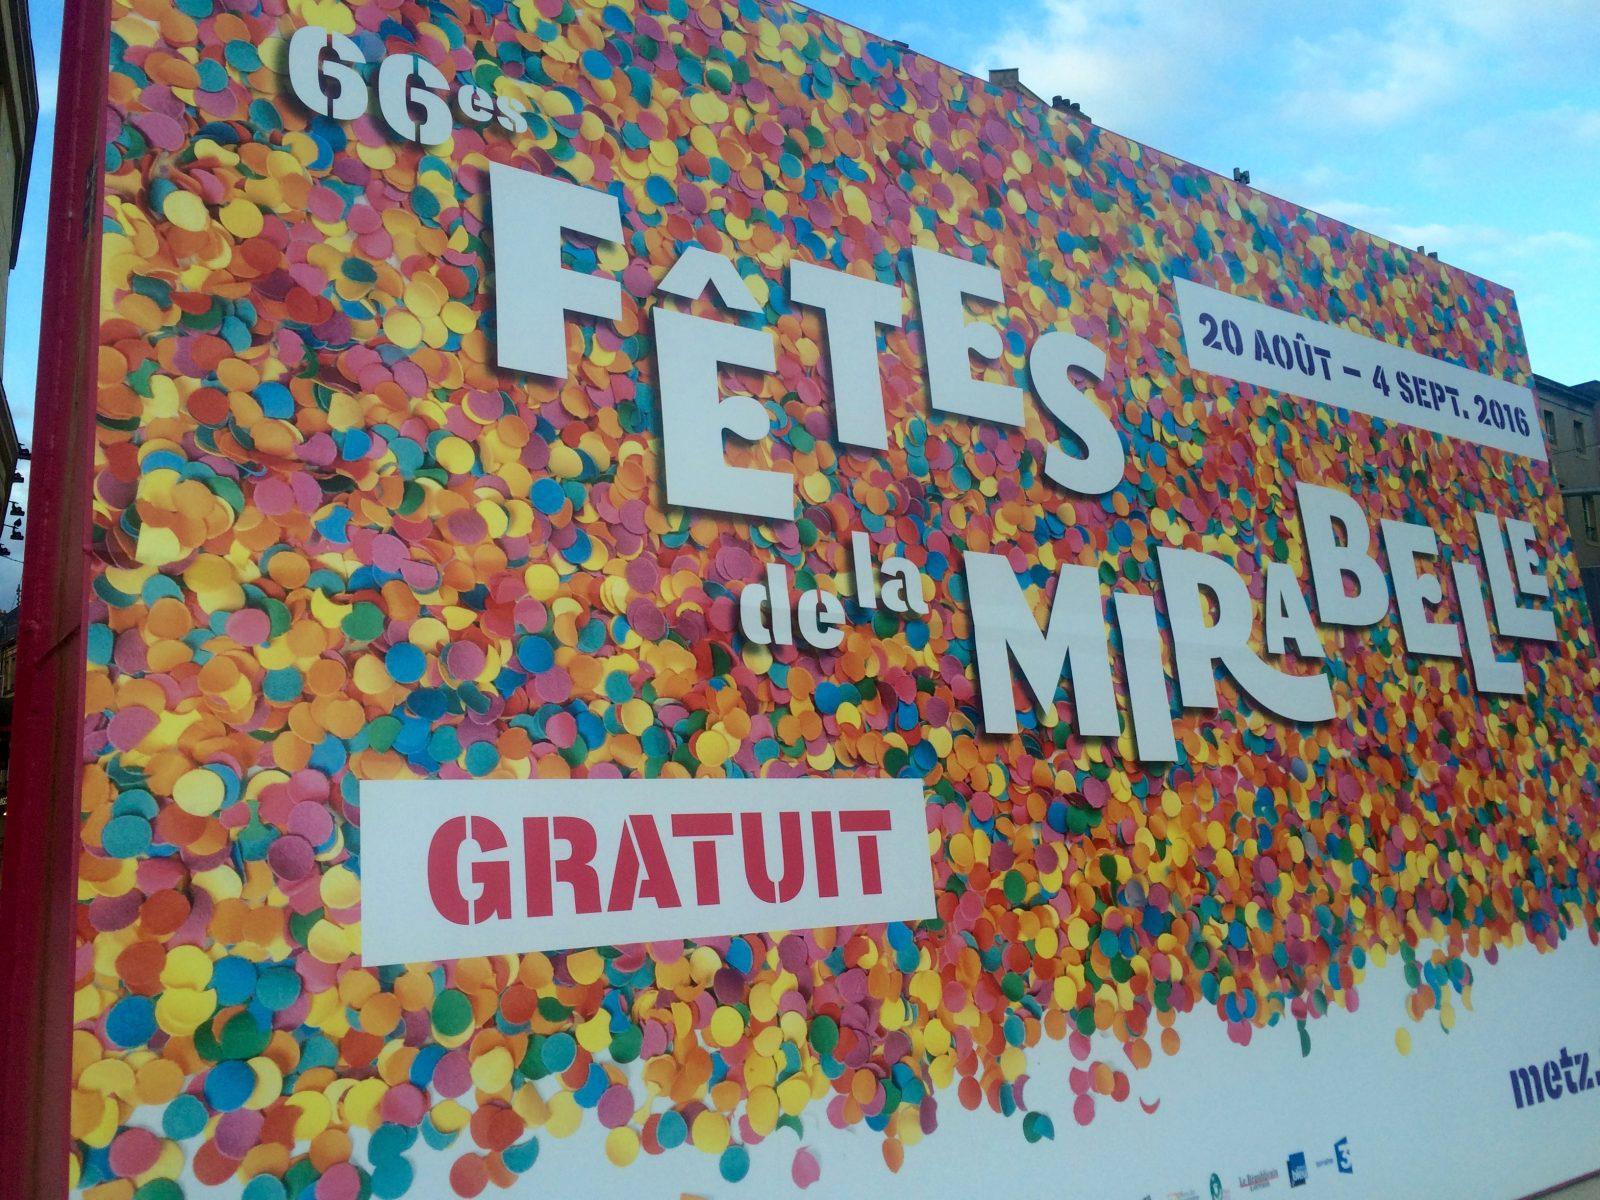 Metz : Fêtes de la Mirabelle, les rendez-vous à ne pas manquer !